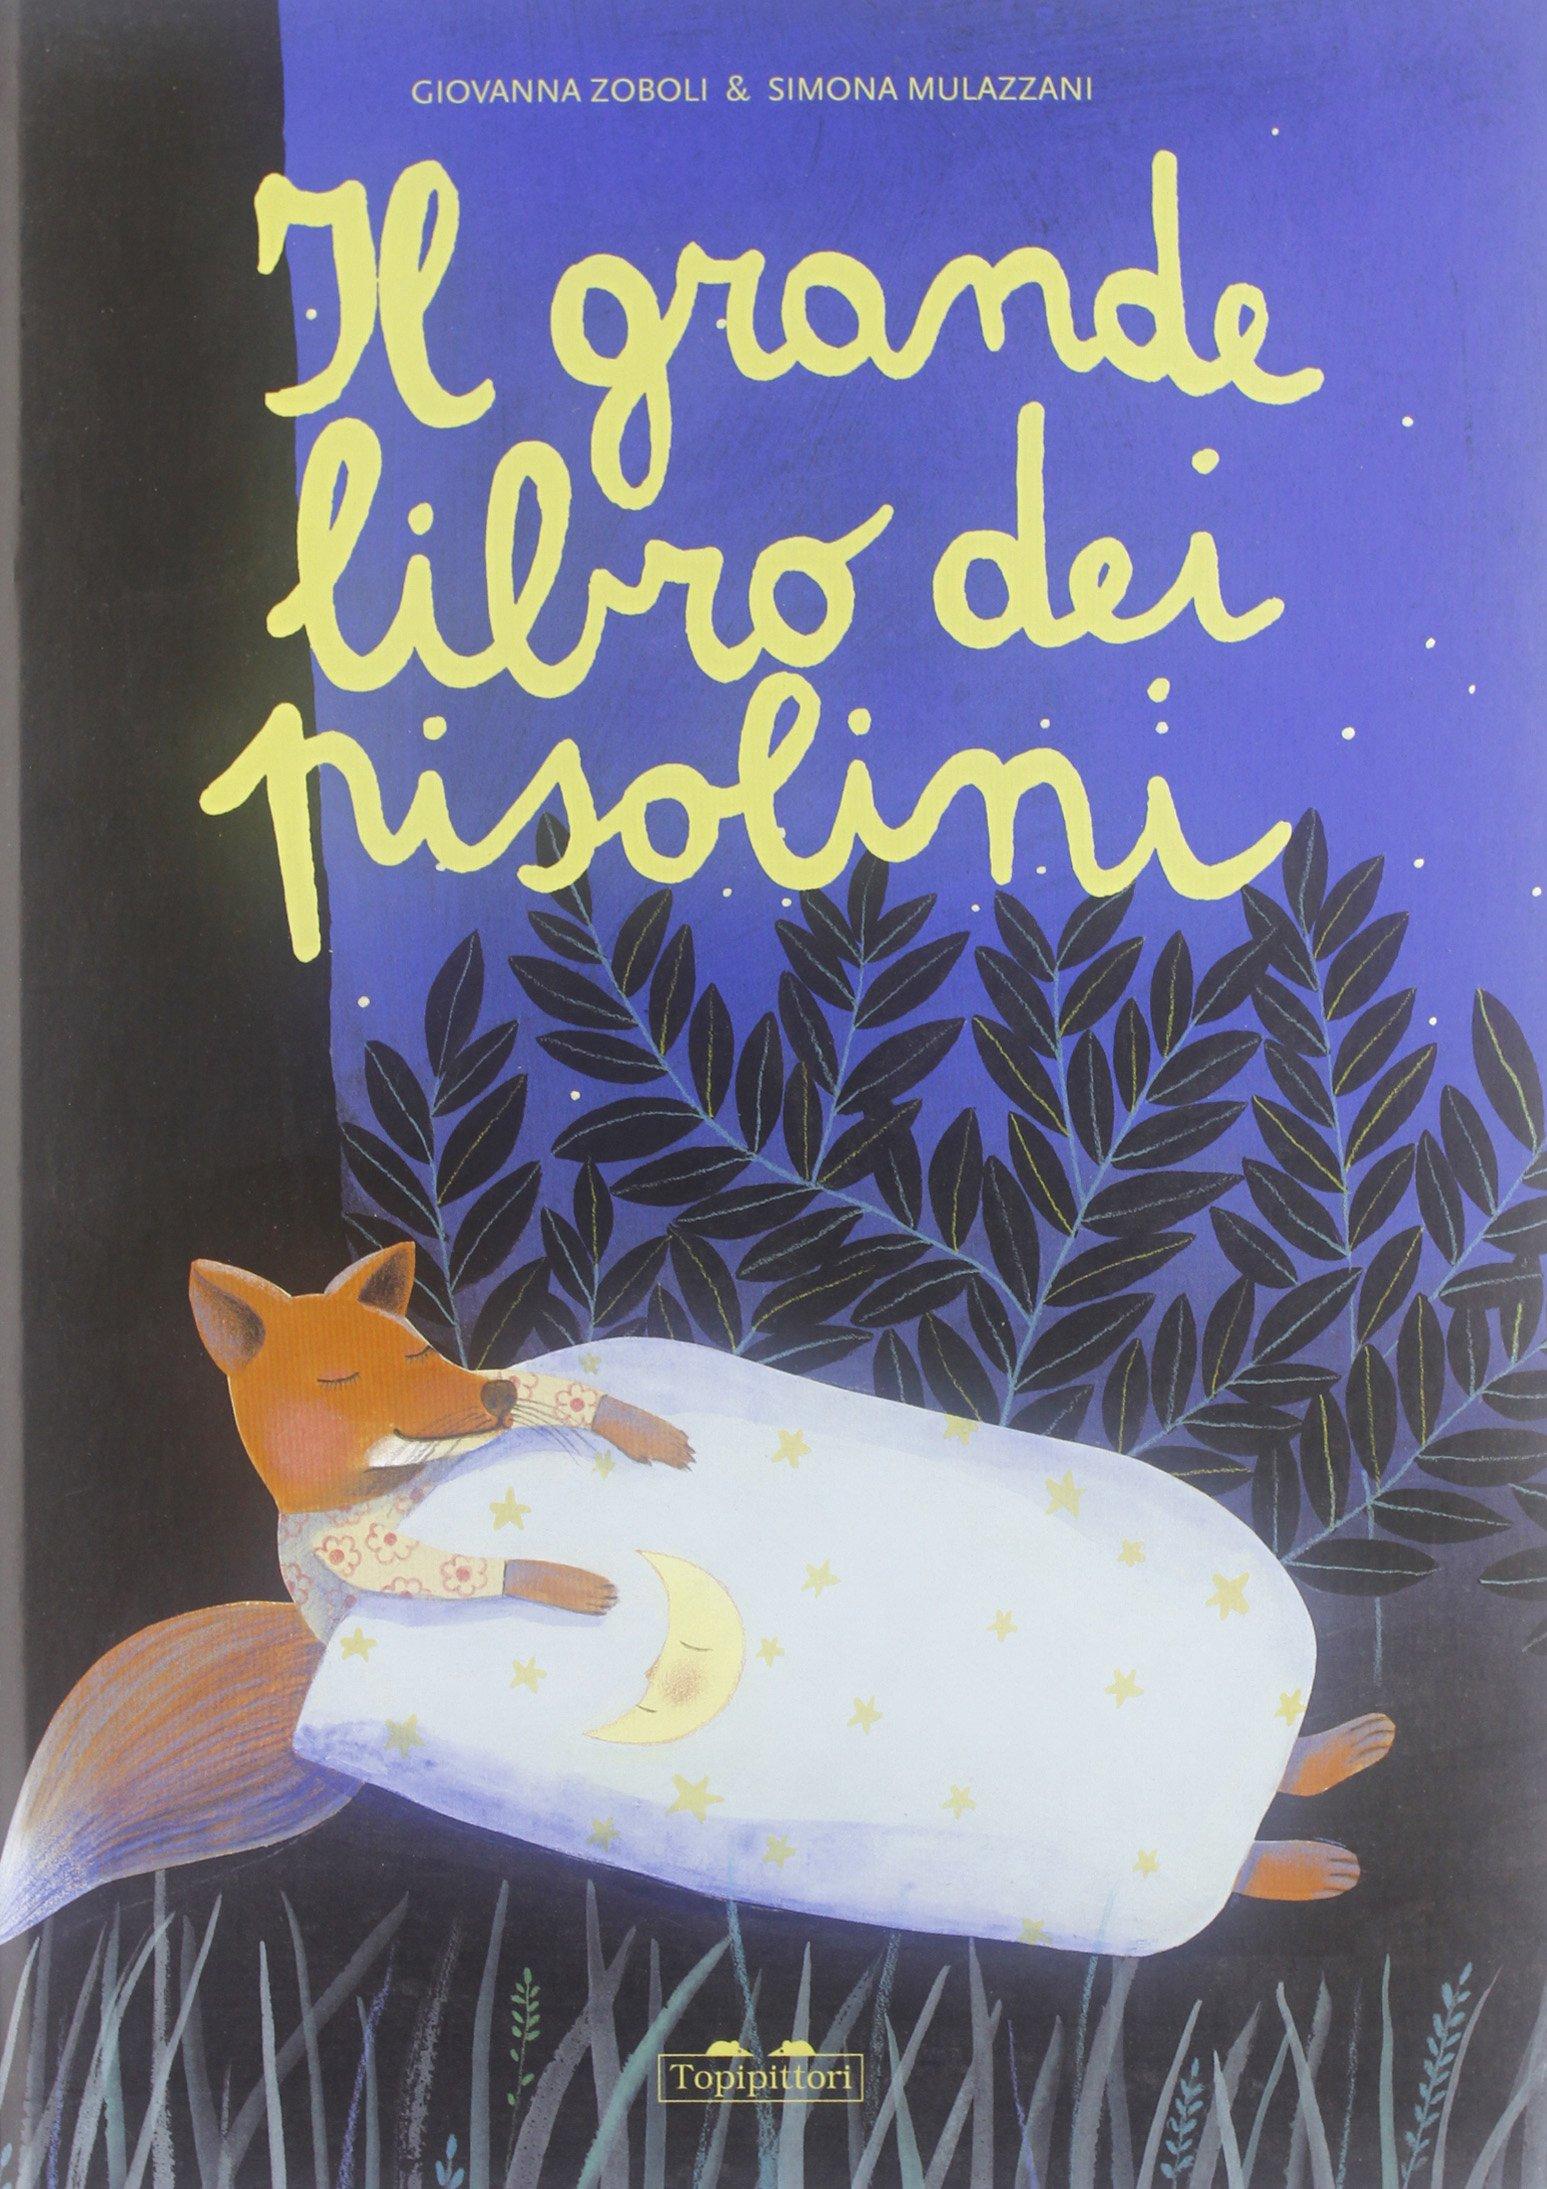 Giovanna pisolini libro Amazon grande dei it Il Ediz illustrata qBX8g